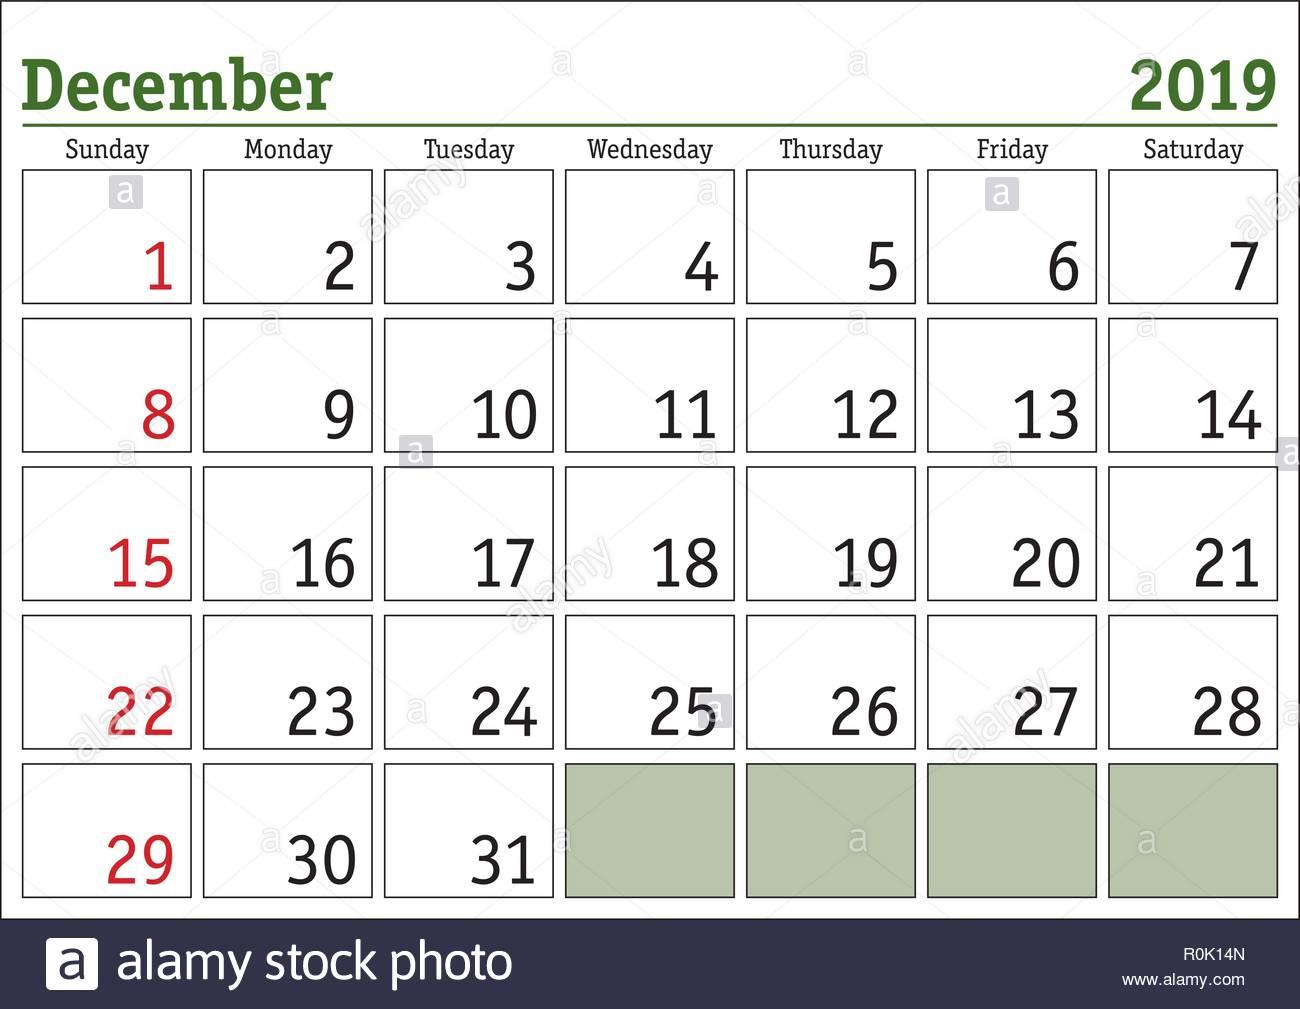 Calendario Mese Dicembre 2019.Semplice Digitale Calendario Per Il Mese Di Dicembre 2019